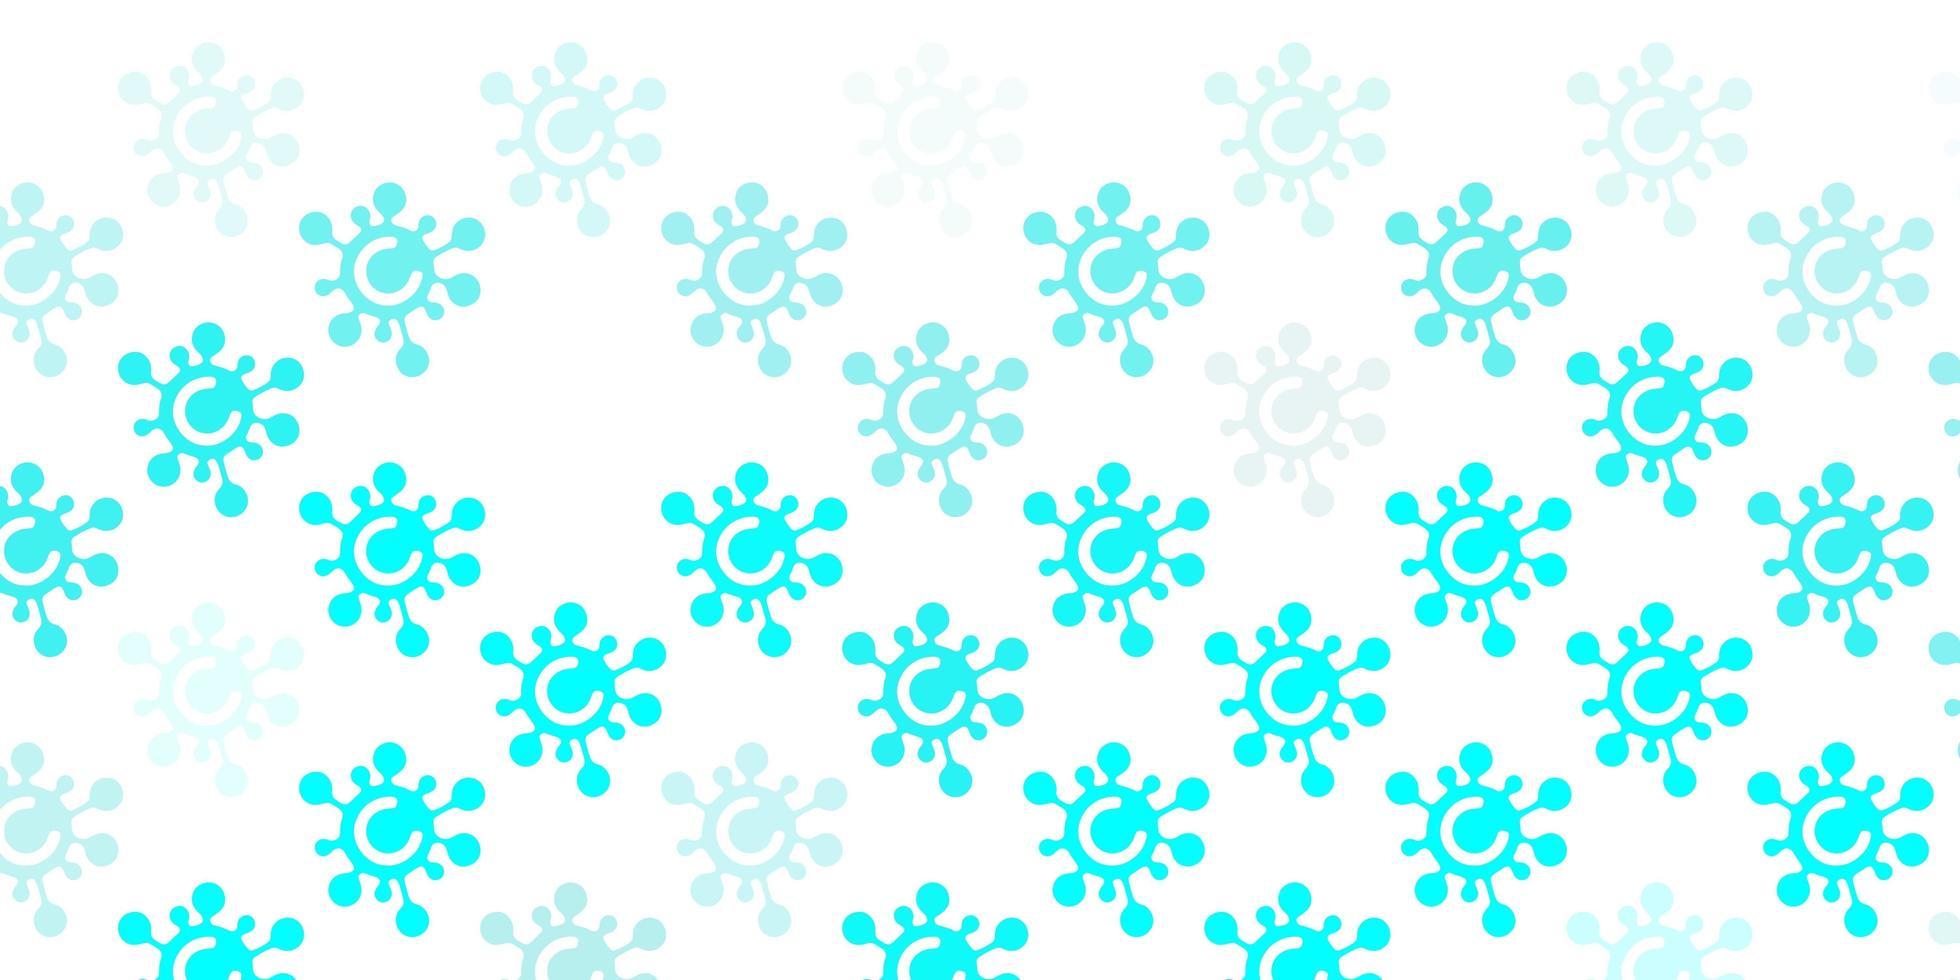 modello azzurro con elementi di coronavirus. vettore